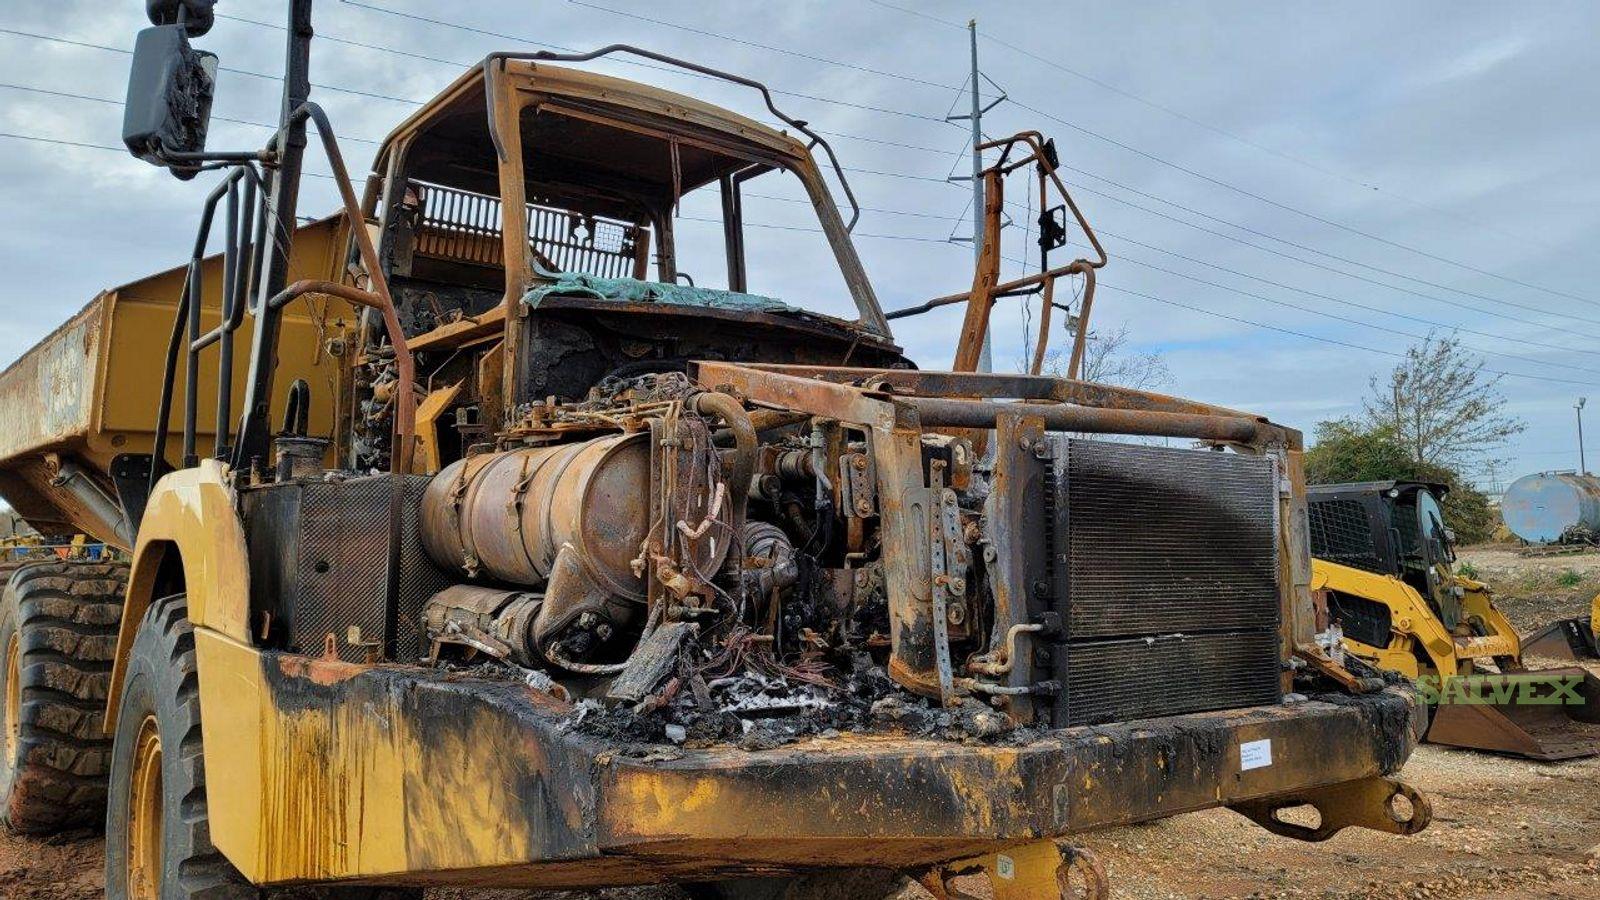 Caterpillar 730C Articulated Dump Truck - Damaged